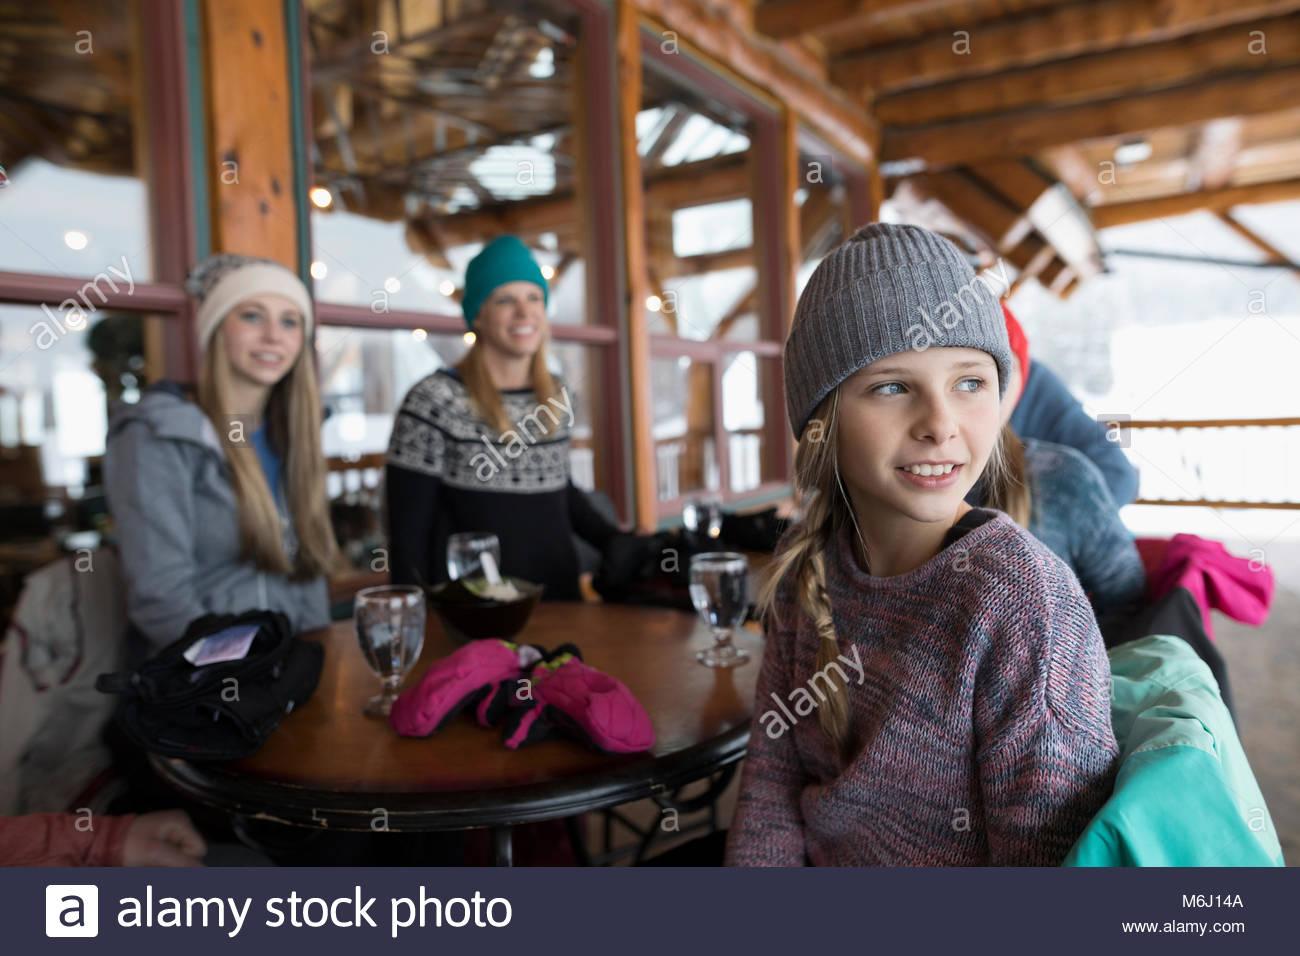 Curioso sciatore ragazza con la famiglia seduta su ski resort lodge balcone apres-ski Immagini Stock